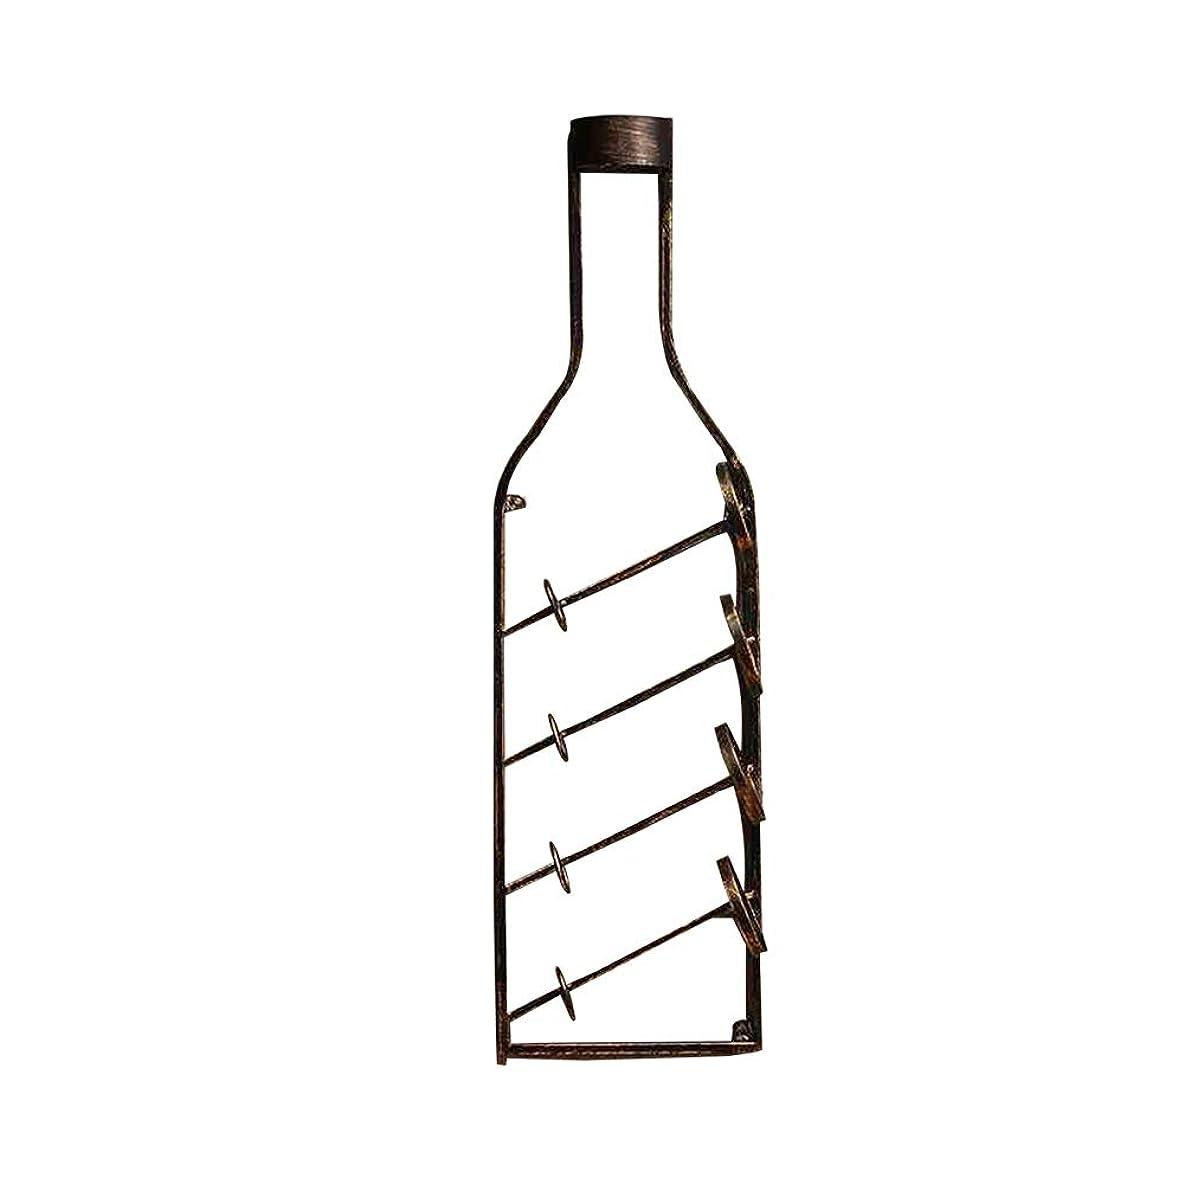 存在項目マニアSHINAHUATONG アイアン ワインラックウォールマウント ワインボトル形状 ワイン ディスプレイ スタンドホルダー 耐久性 家の装飾のためのスーツ